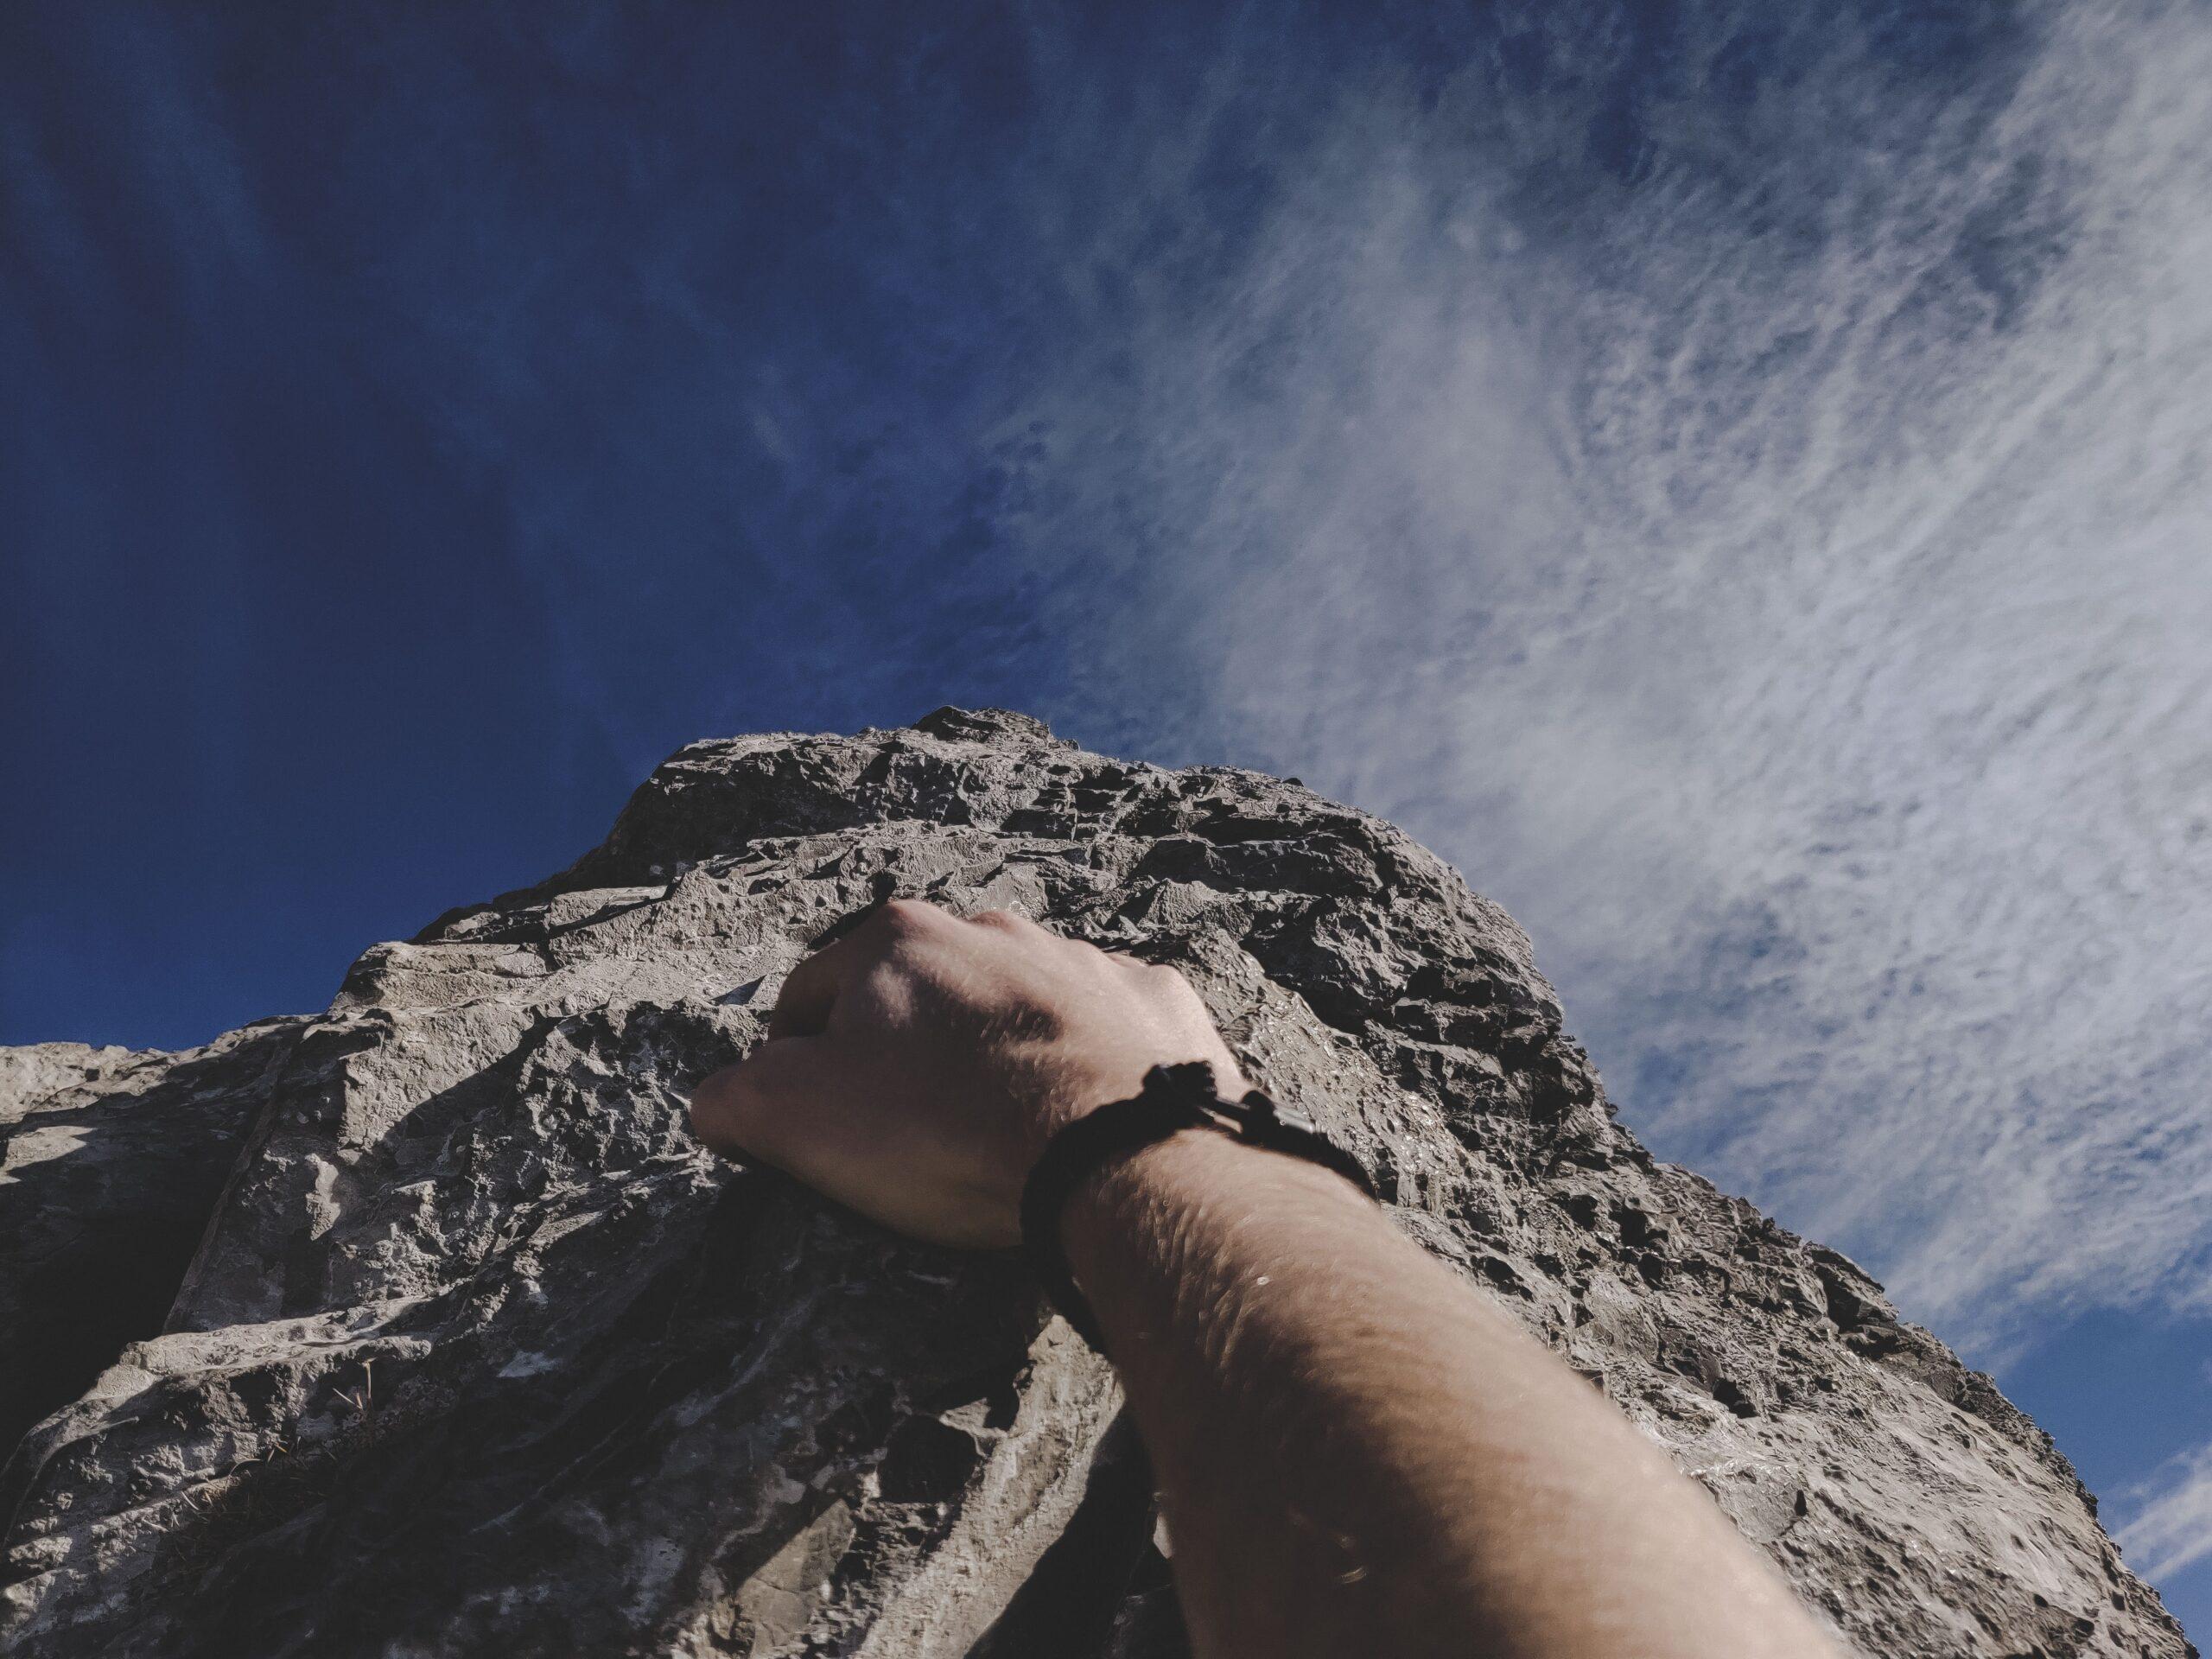 Free-Solo-Klettern: eine der extremsten Sportarten